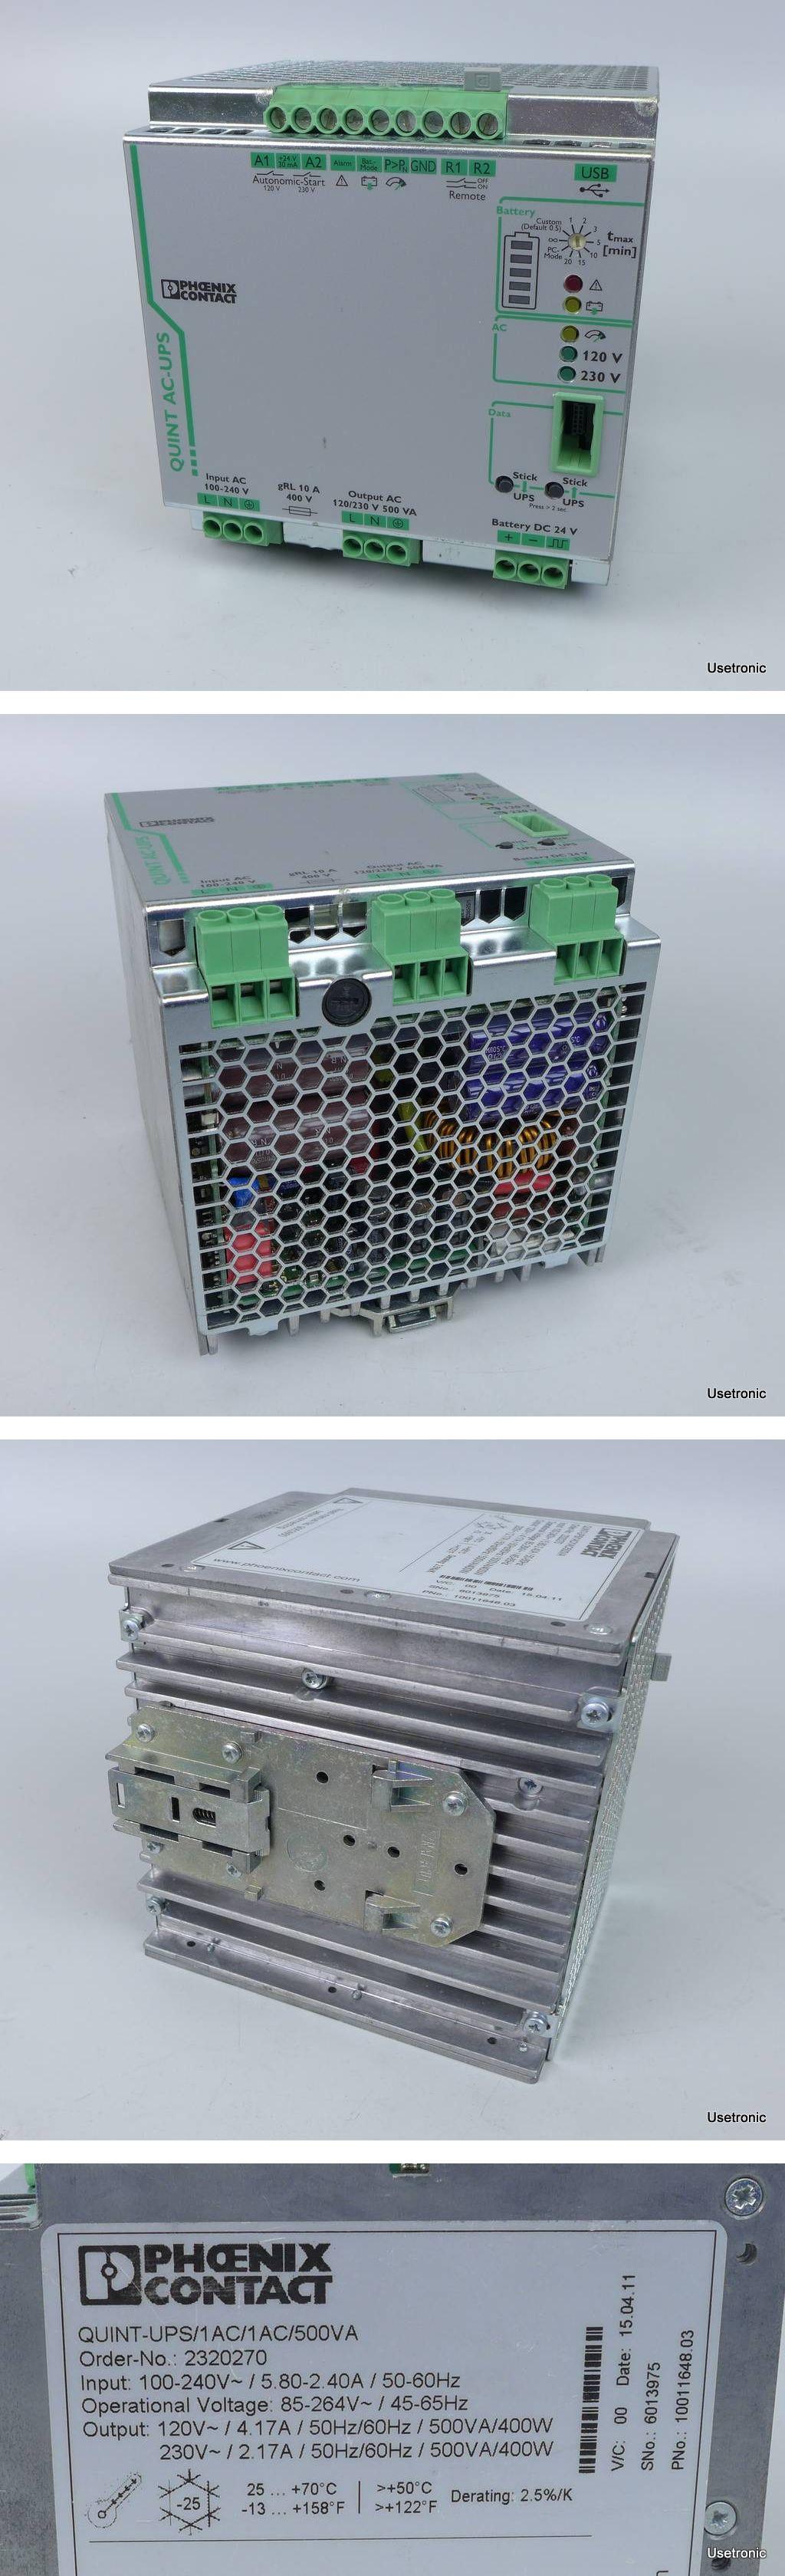 Phoenix Contact AC-UPS Quint-UPS/1AC/1AC/500VA 2320270